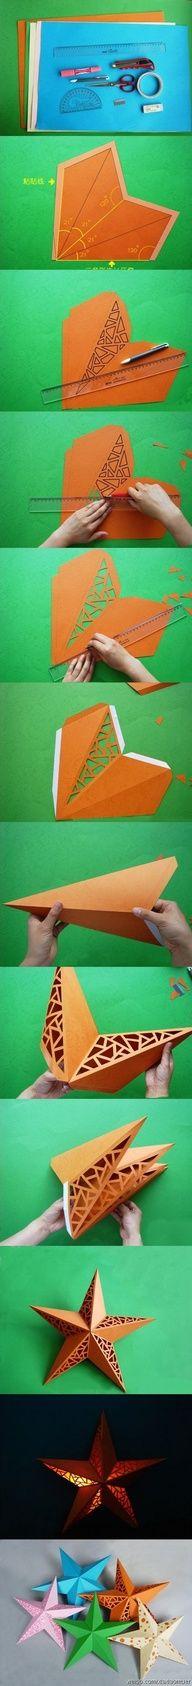 DIY paper star nightlight! - idea for night-light for baby's room